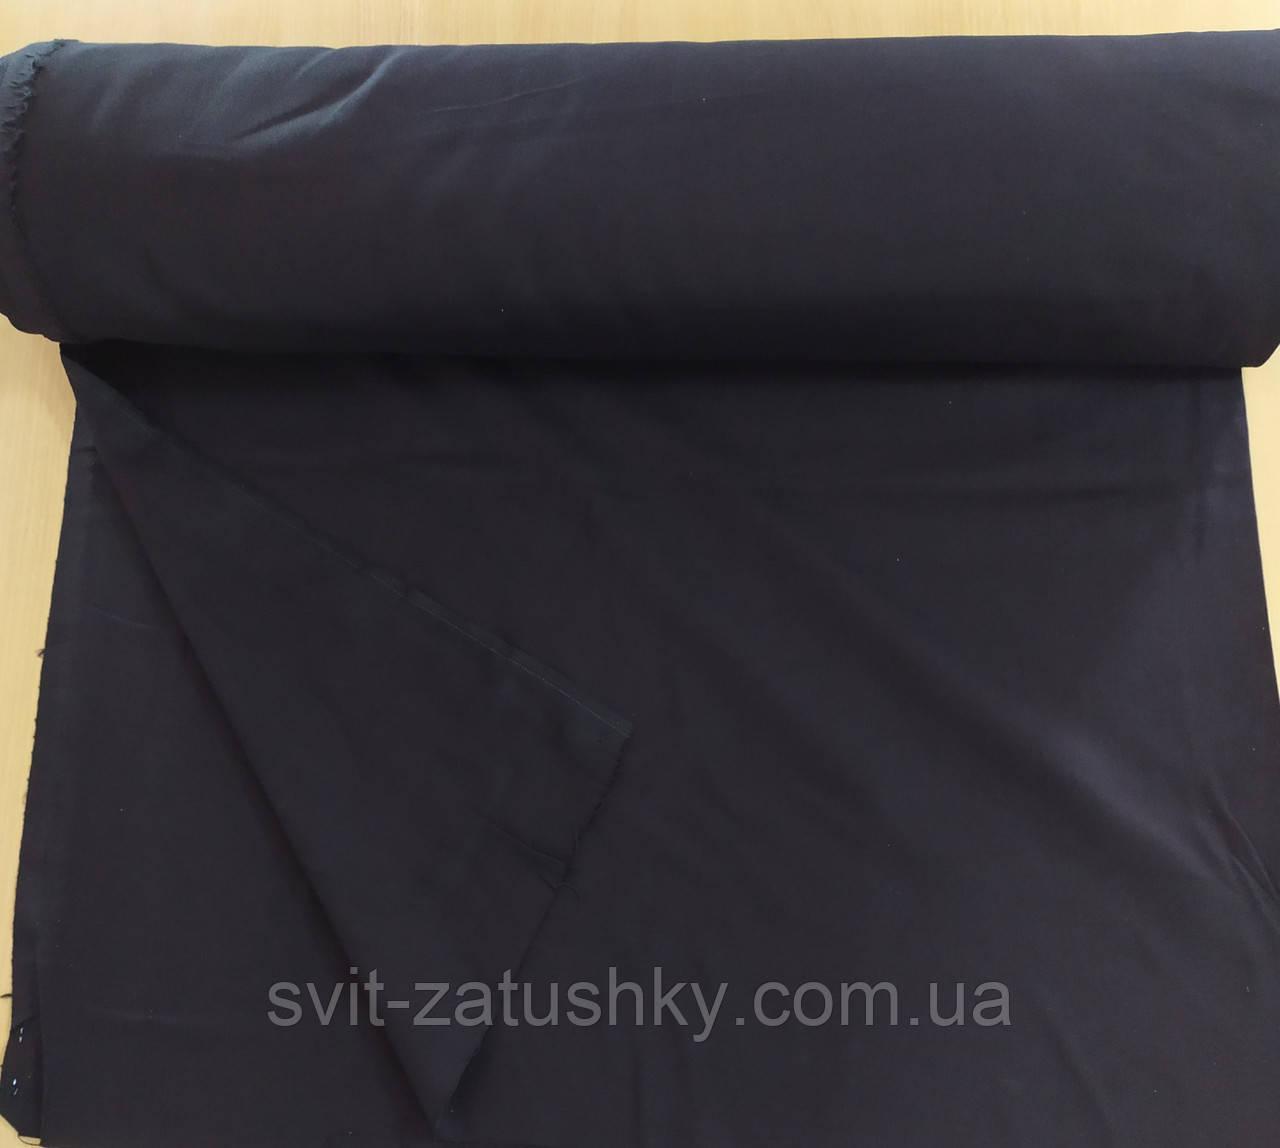 Домоткане полотно для вишивки гребінне чорне